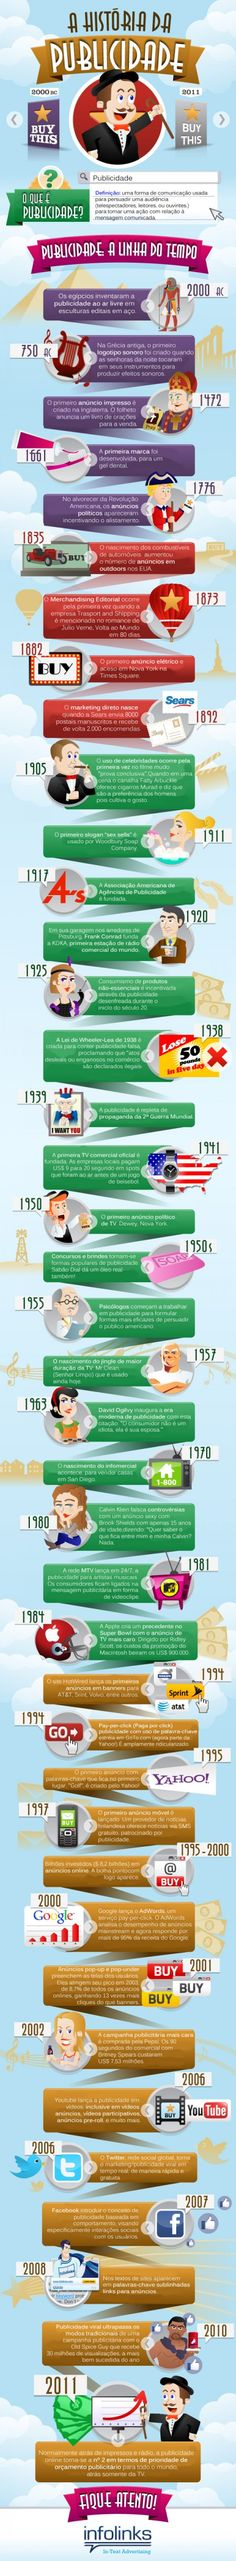 A História da Publicidade